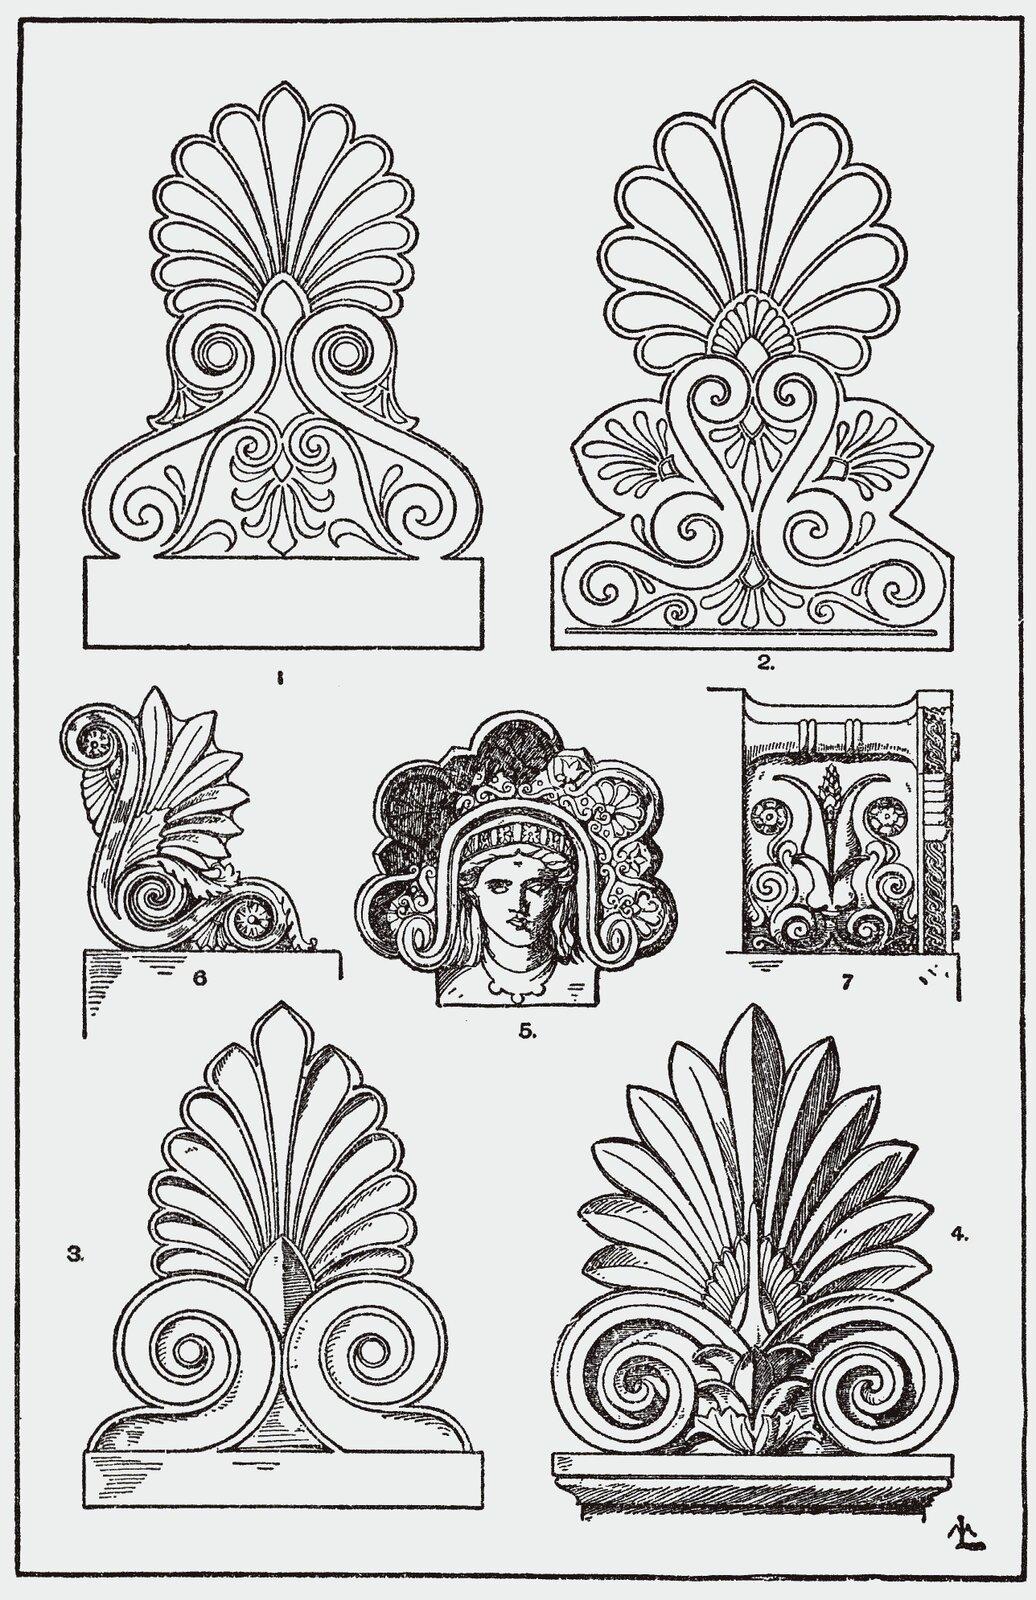 Ilustracja przedstawiająca ornament – palmeta. Element dekoracyjny naszkicowany jest czarnym kolorem bez wypełenień. Na ilustracji widocznych jest siedem elementów. Każdy element kształtem przypomina liście tropikalnej rośliny. Tylko jeden znich (który jest po środku) to element wzbogacony oludzką twarz.